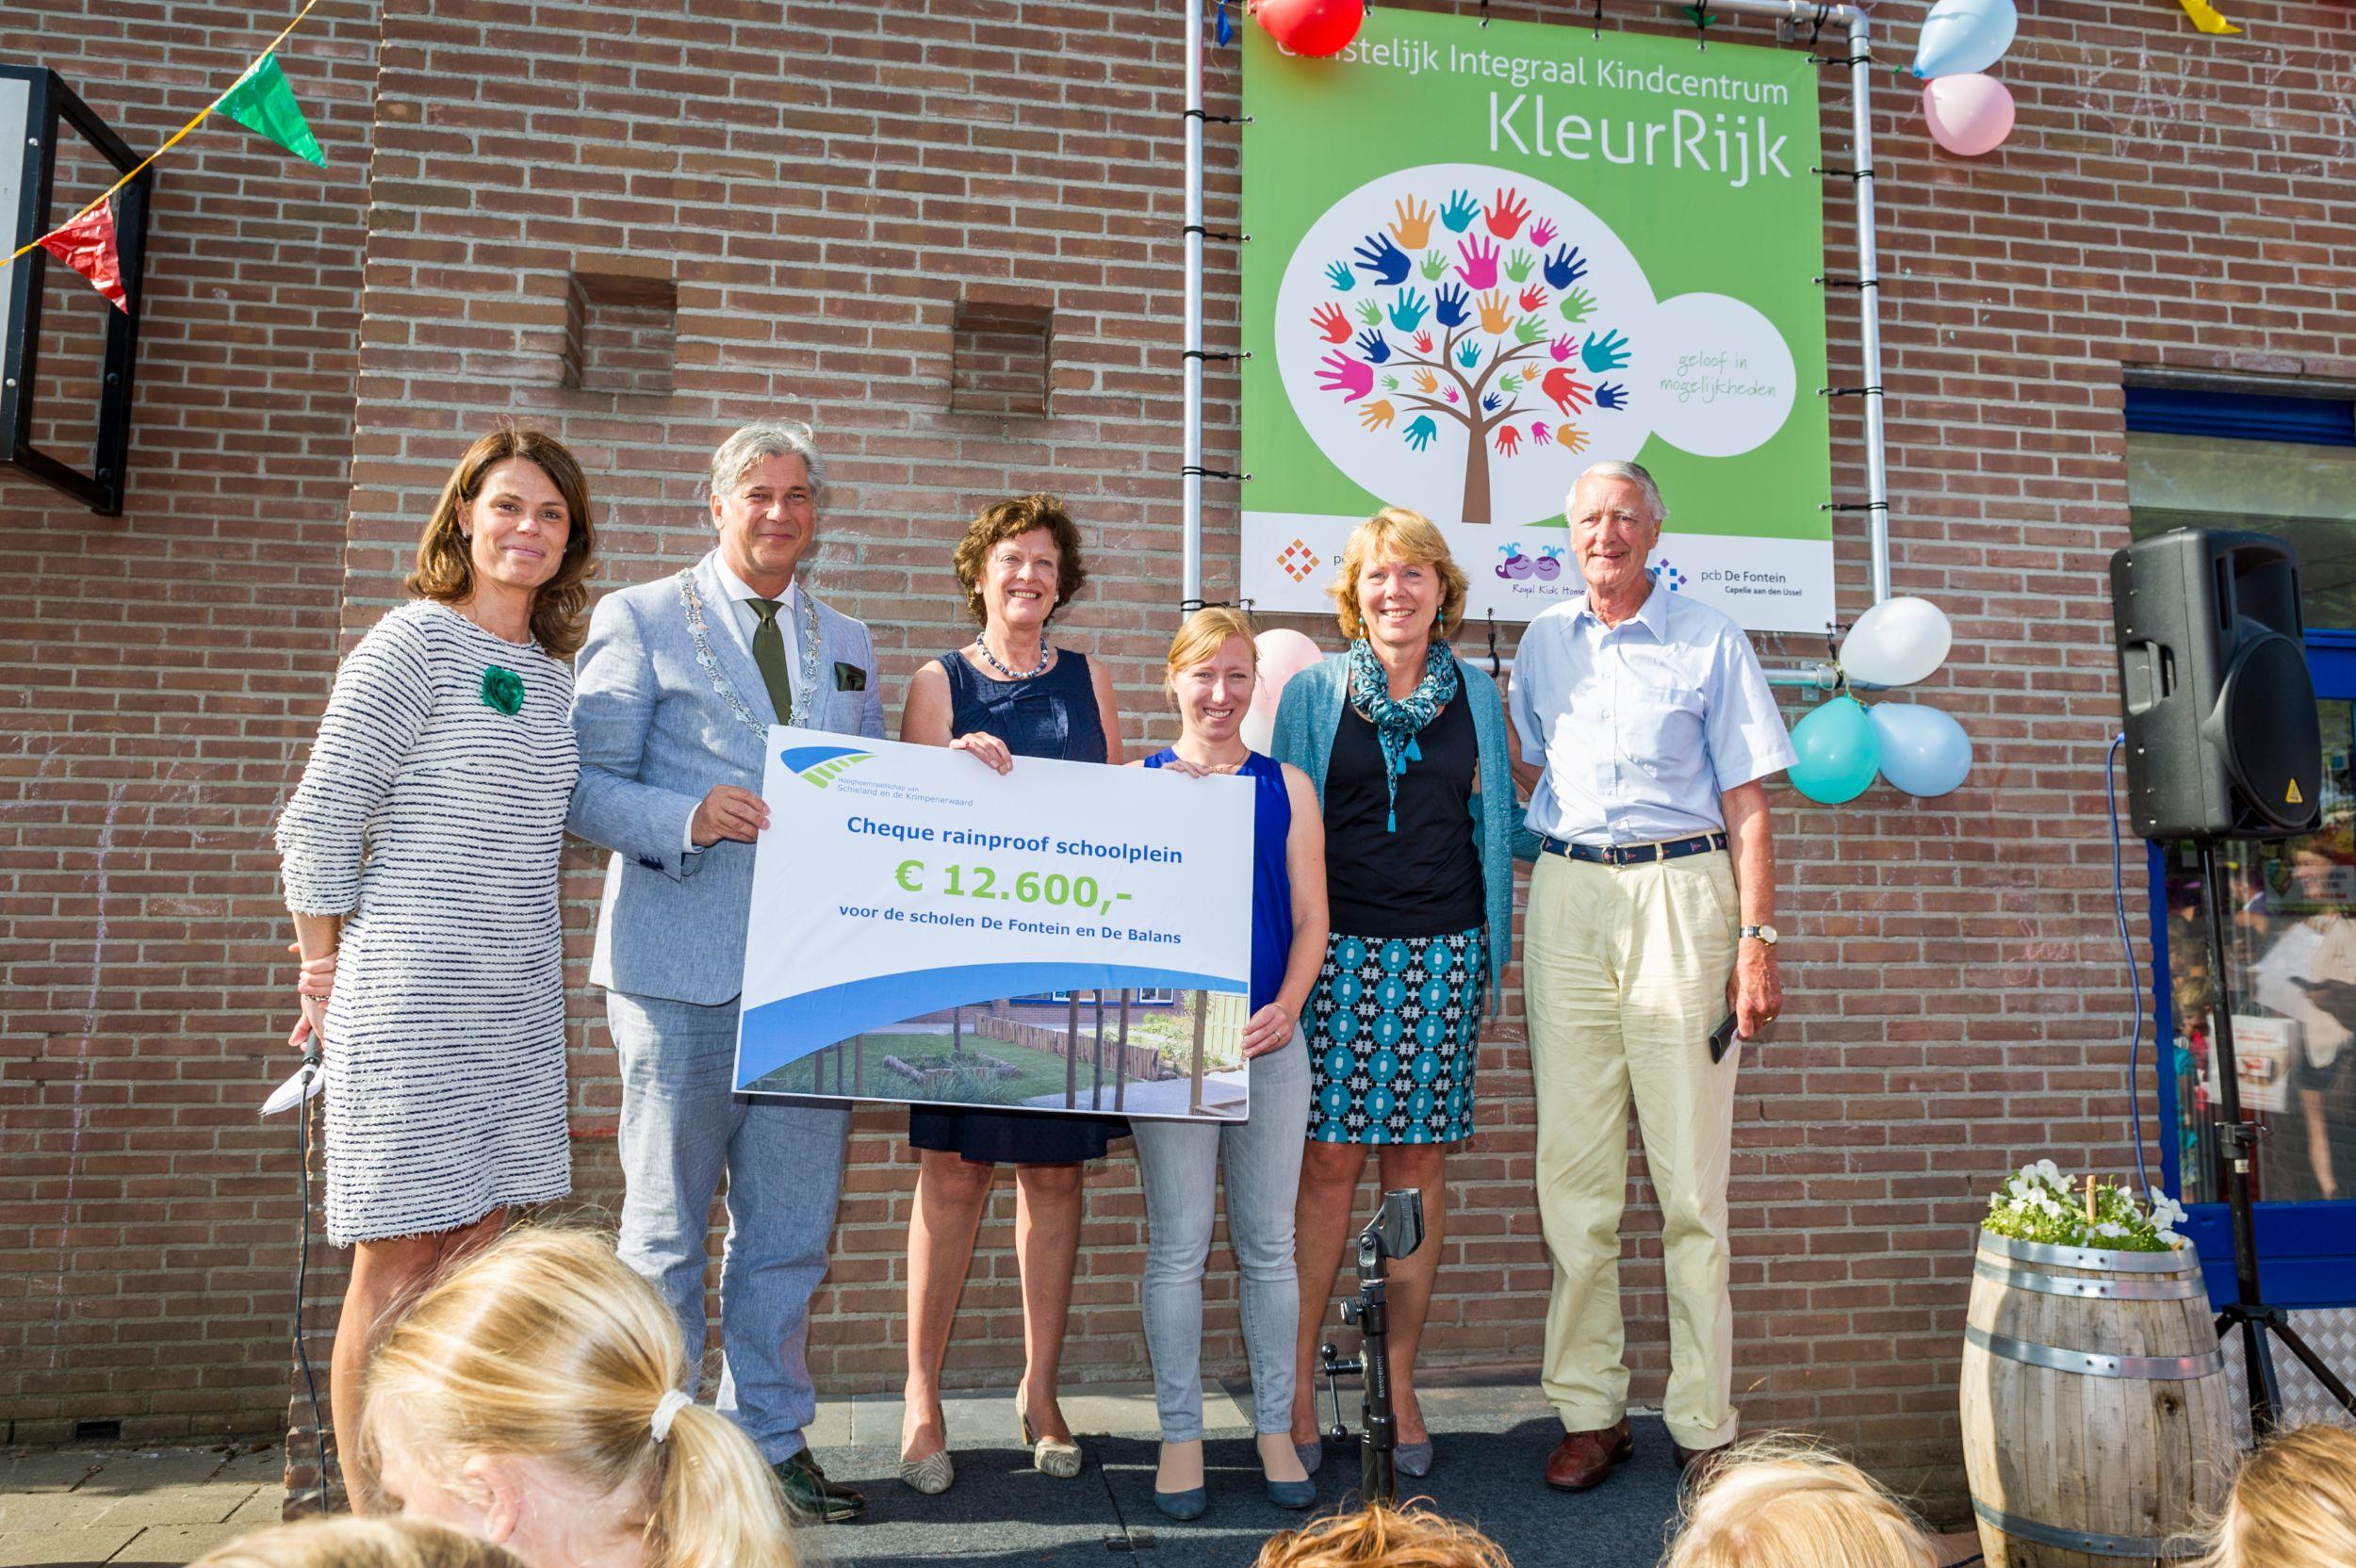 Basisschool De Fontein Krimpen Aan Den Ijssel.Nieuw Groen Schoolplein Voor De Balans En De Fontein Capelle